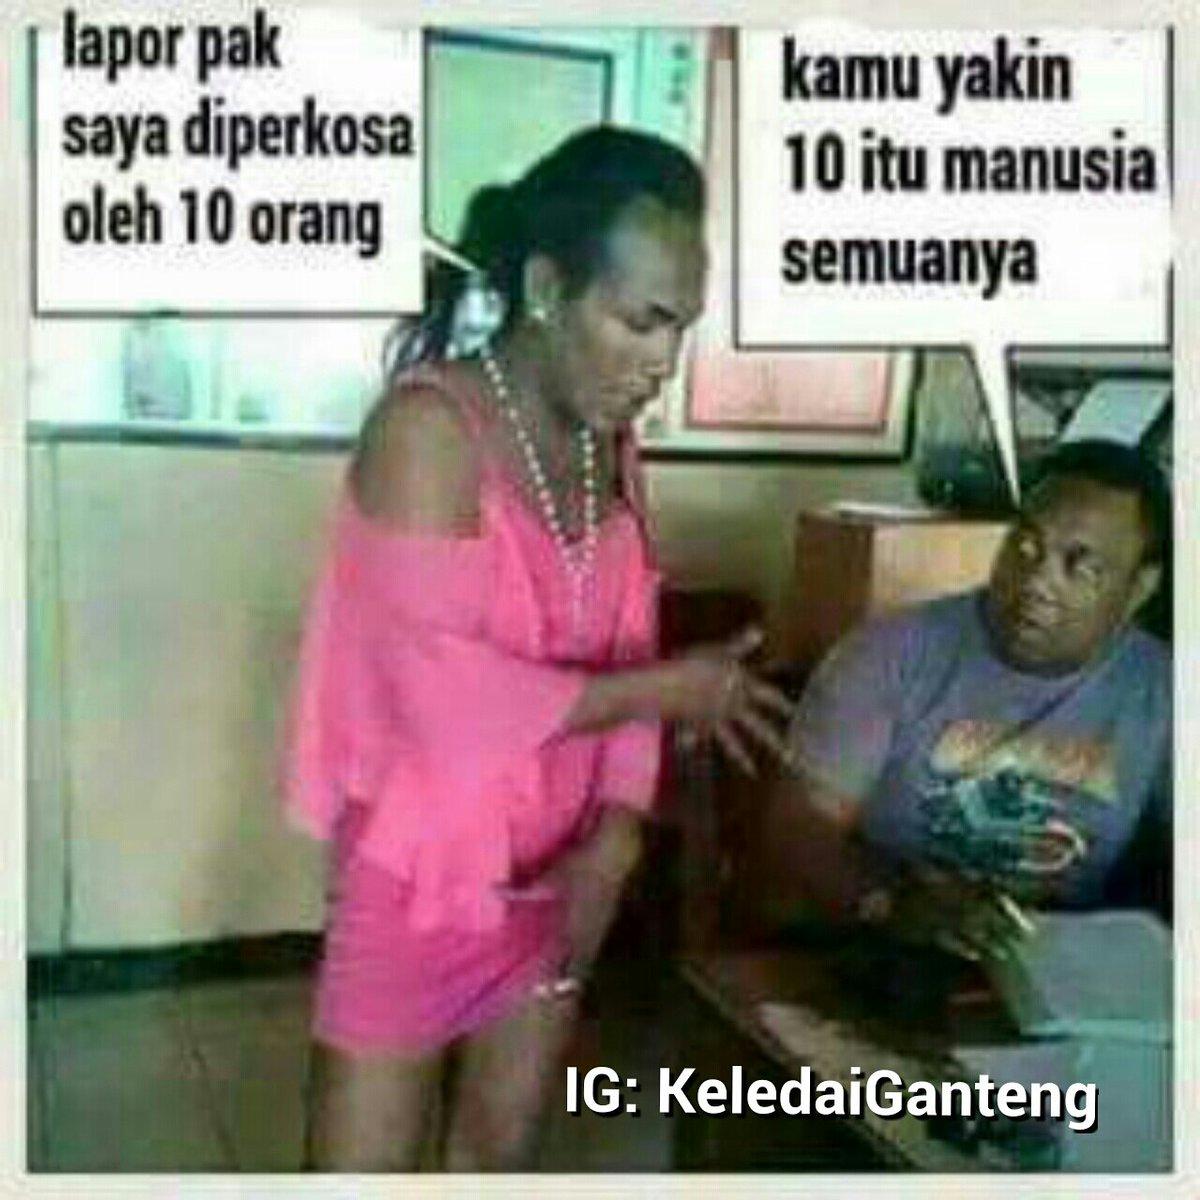 """Ο χρΠστης Keledai Ganteng στο Twitter """"Diperkosa Siluman"""